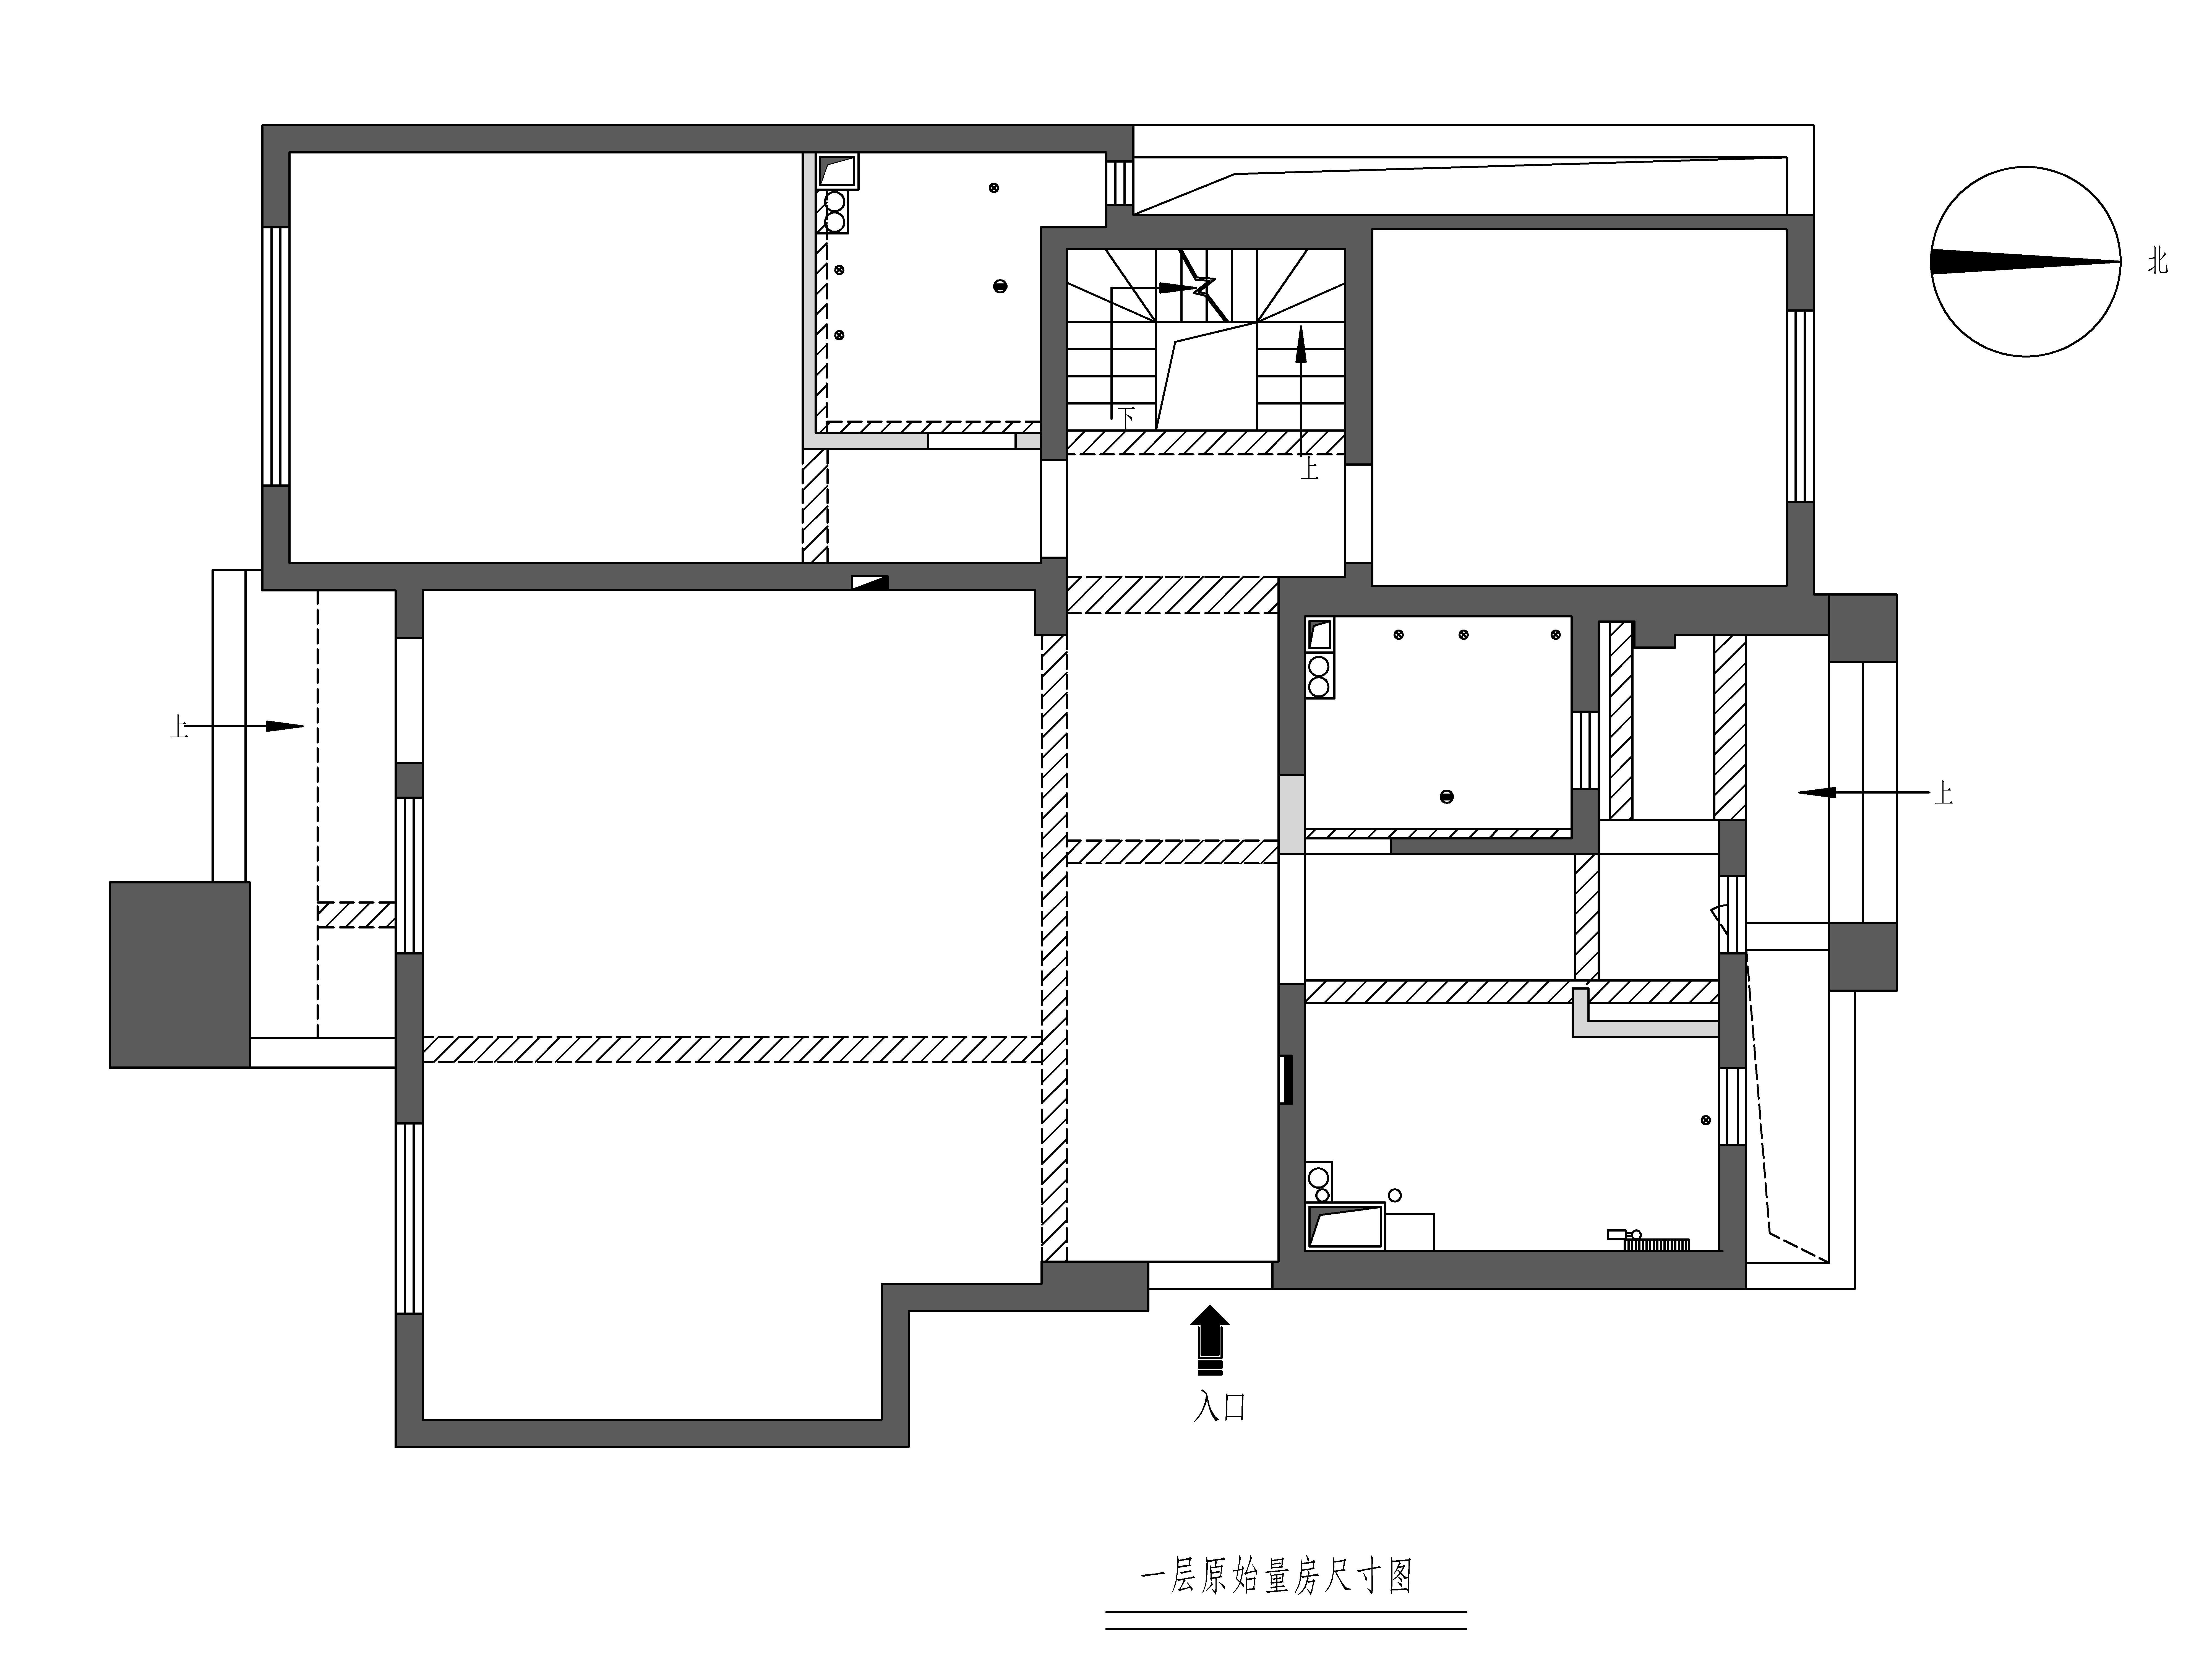 陽光攬勝180平新中式別墅設計風格裝修設計理念